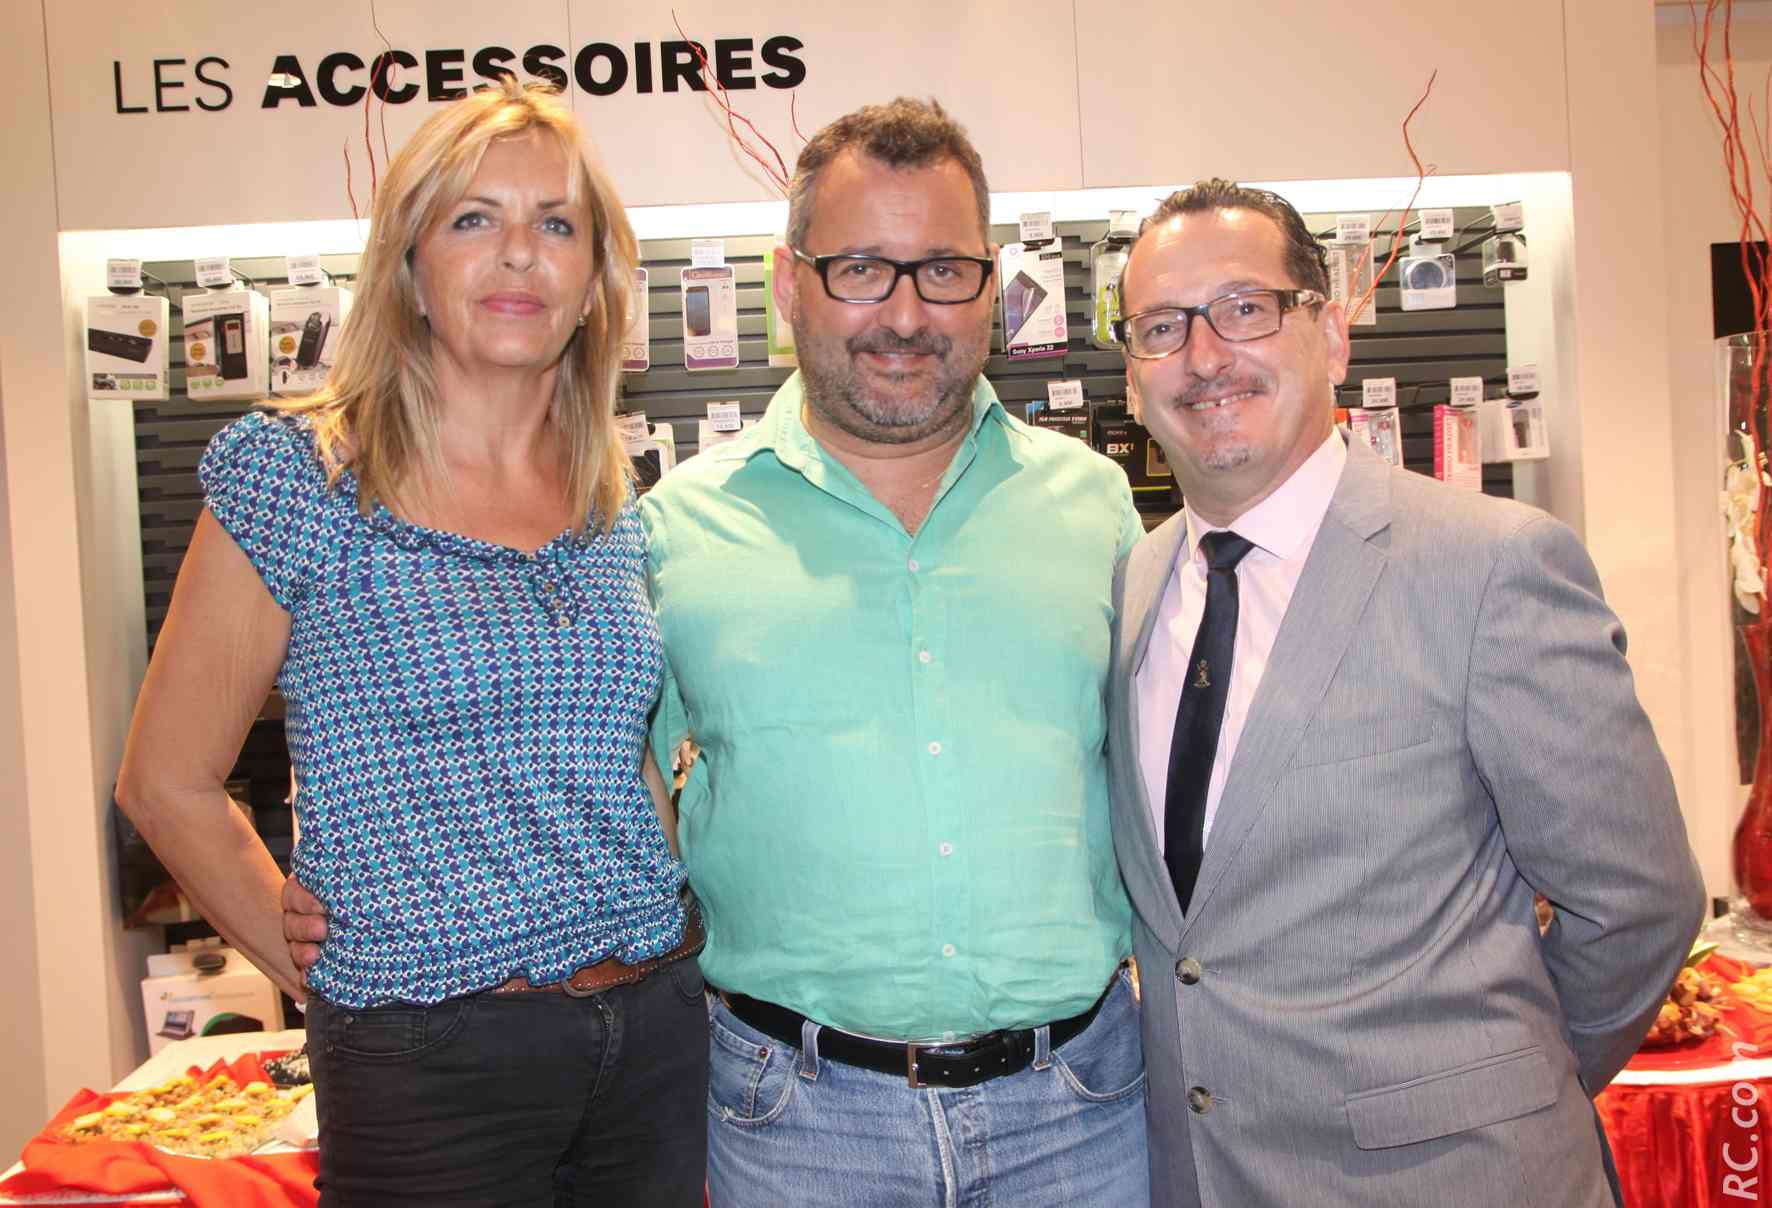 Eve et Hervé Challanes de 3A Overseas Réunion, cabinet de commissaires aux comptes et d'experts comptables, et Laurent Piédimonte.